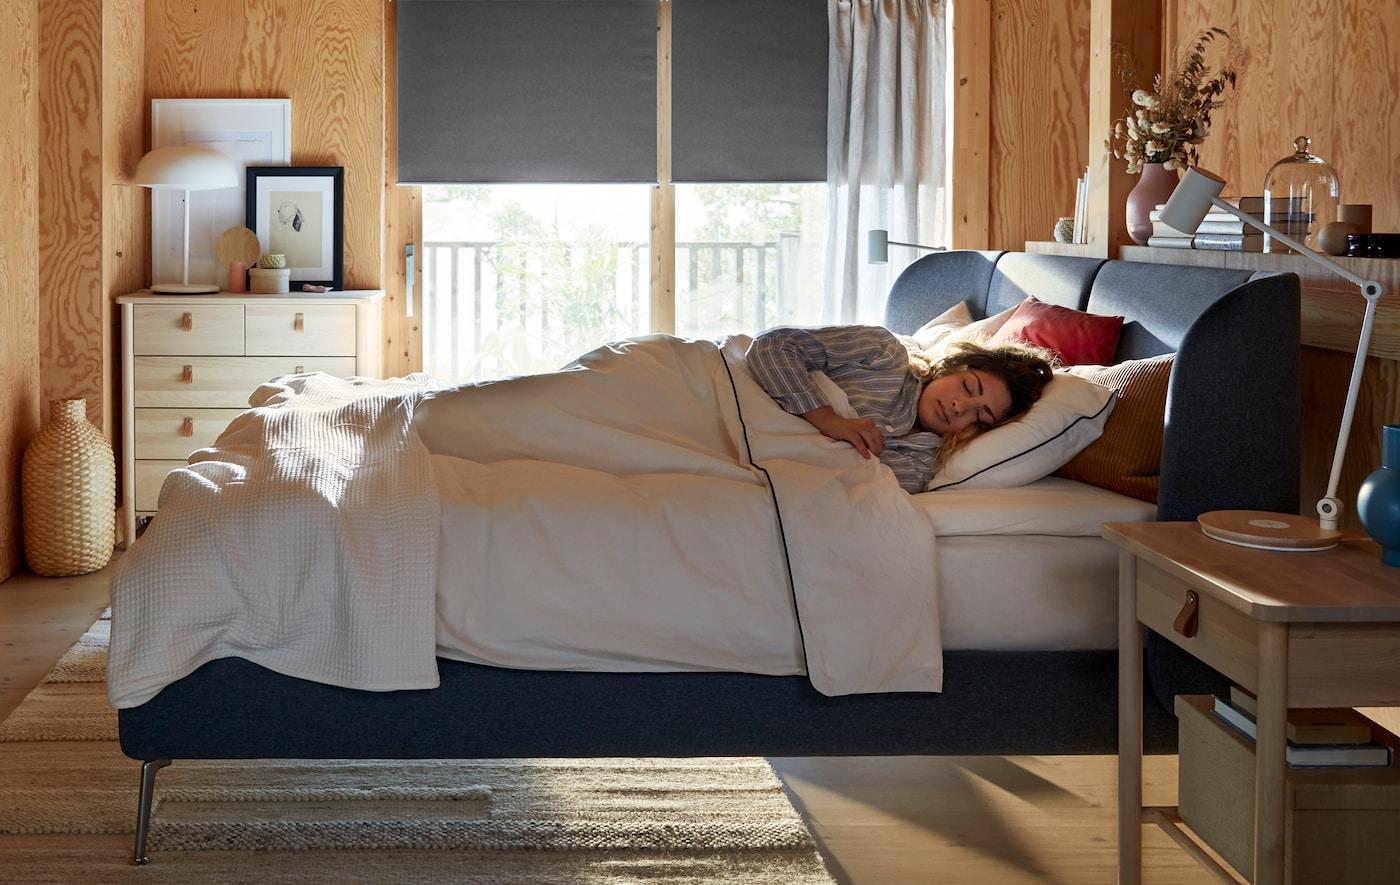 O femeie doarme întinsă într-un pat albastru TUFJORD, în timp ce lumina pătrunde prin fereastra din spatele ei în cameră.